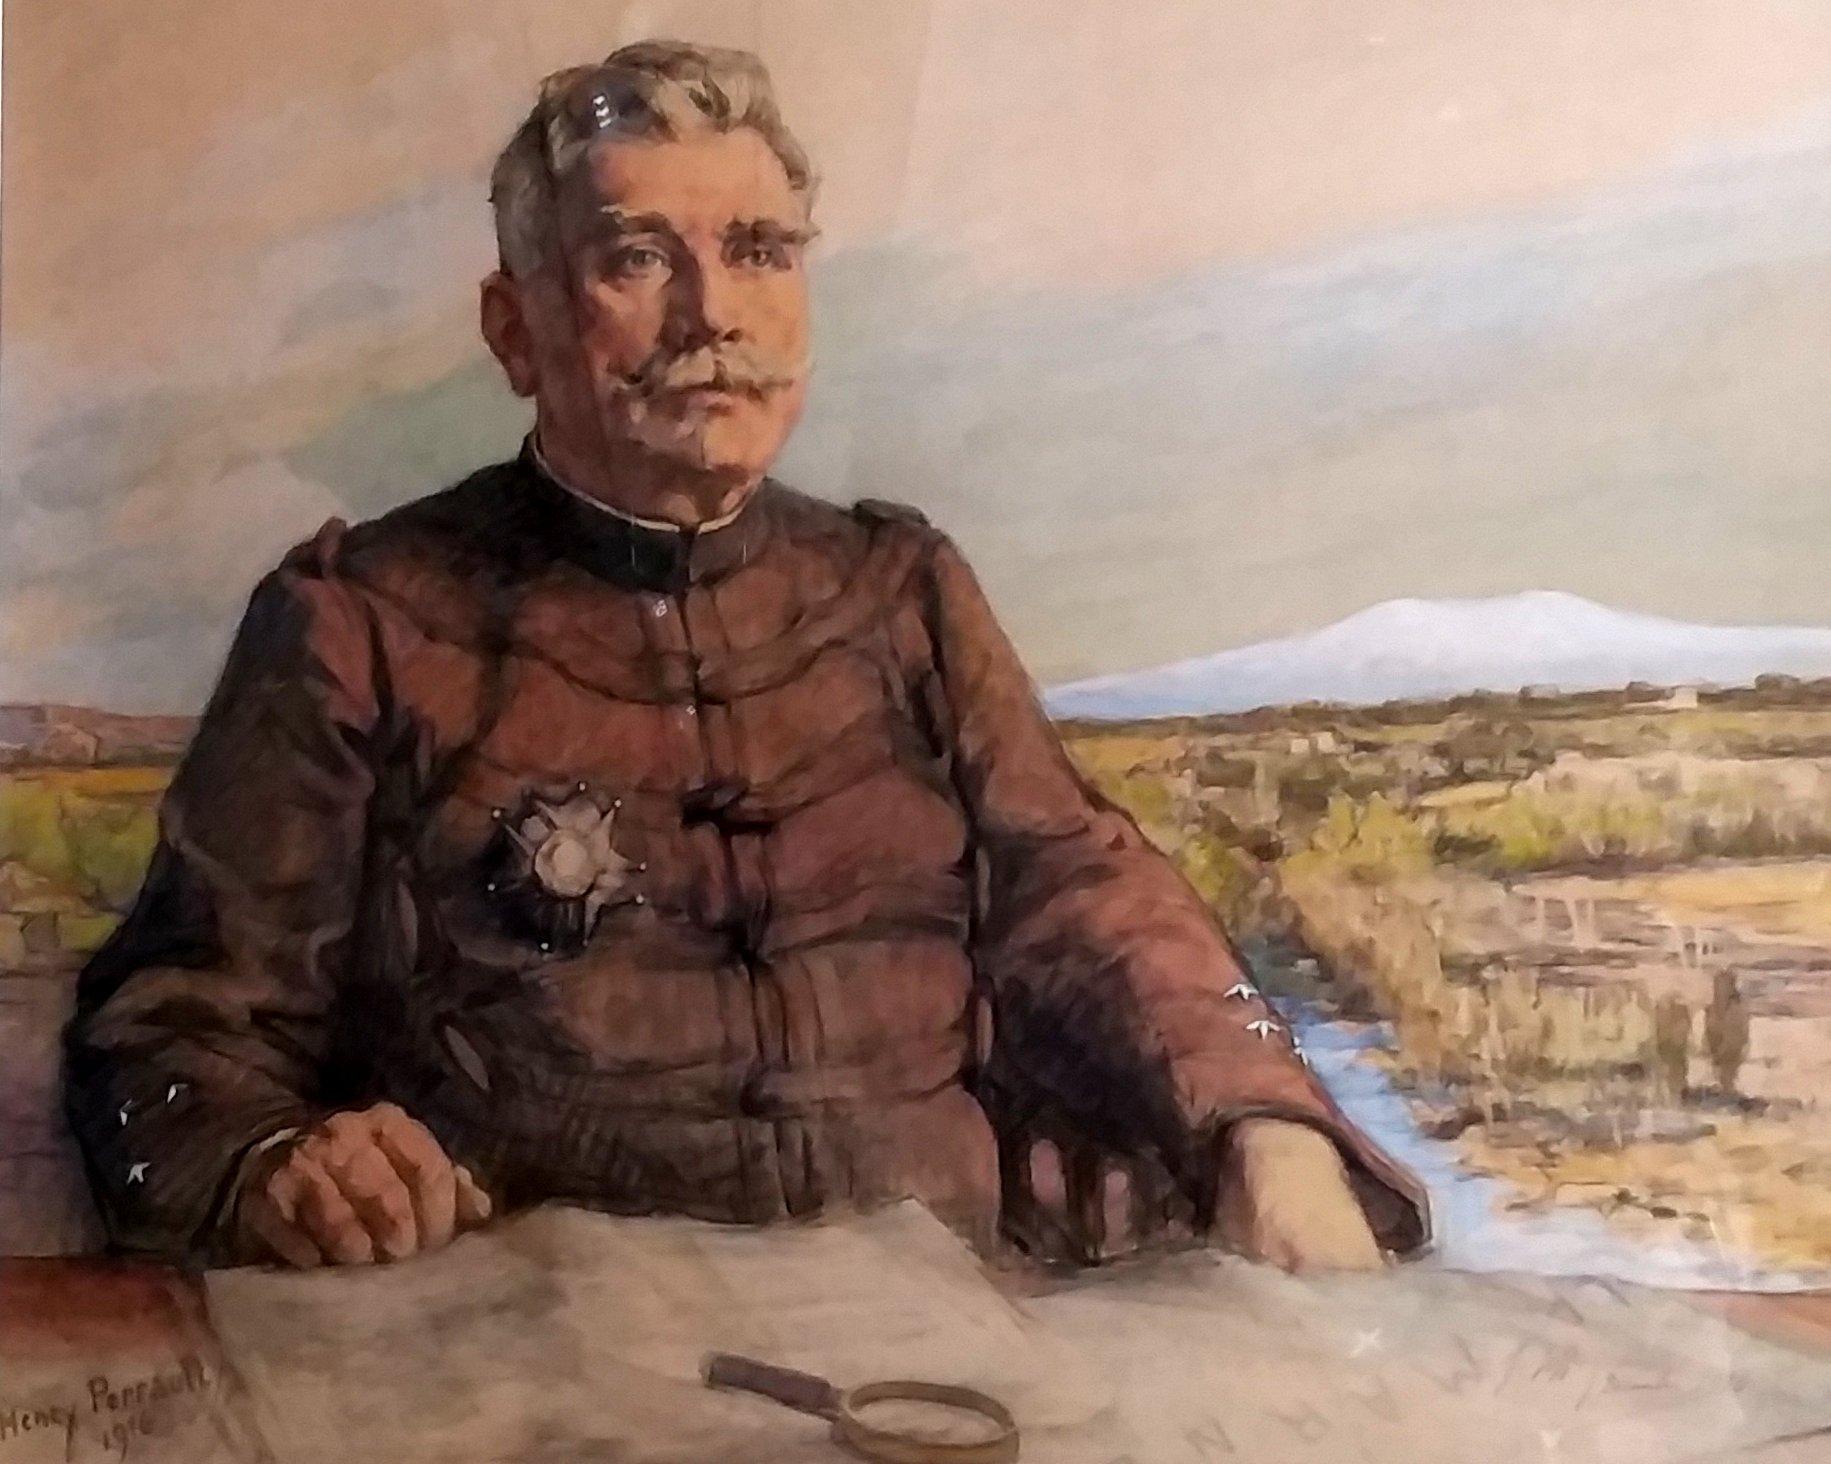 Une œuvre du peintre Henry PERRAULT au musée JOFFRE